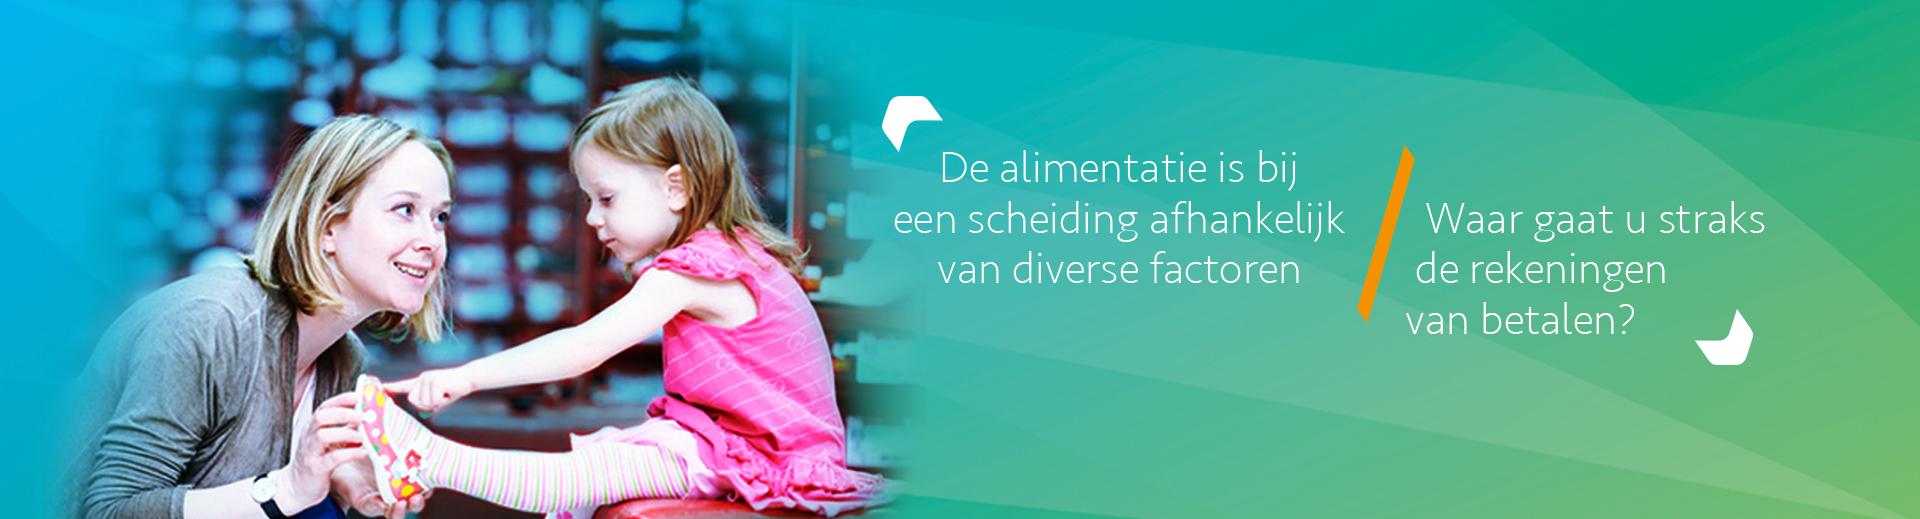 De alimentatie bij een scheiding - Scheidingsplanner Hoofddorp - Badhoevedorp - Nieuw-Vennep